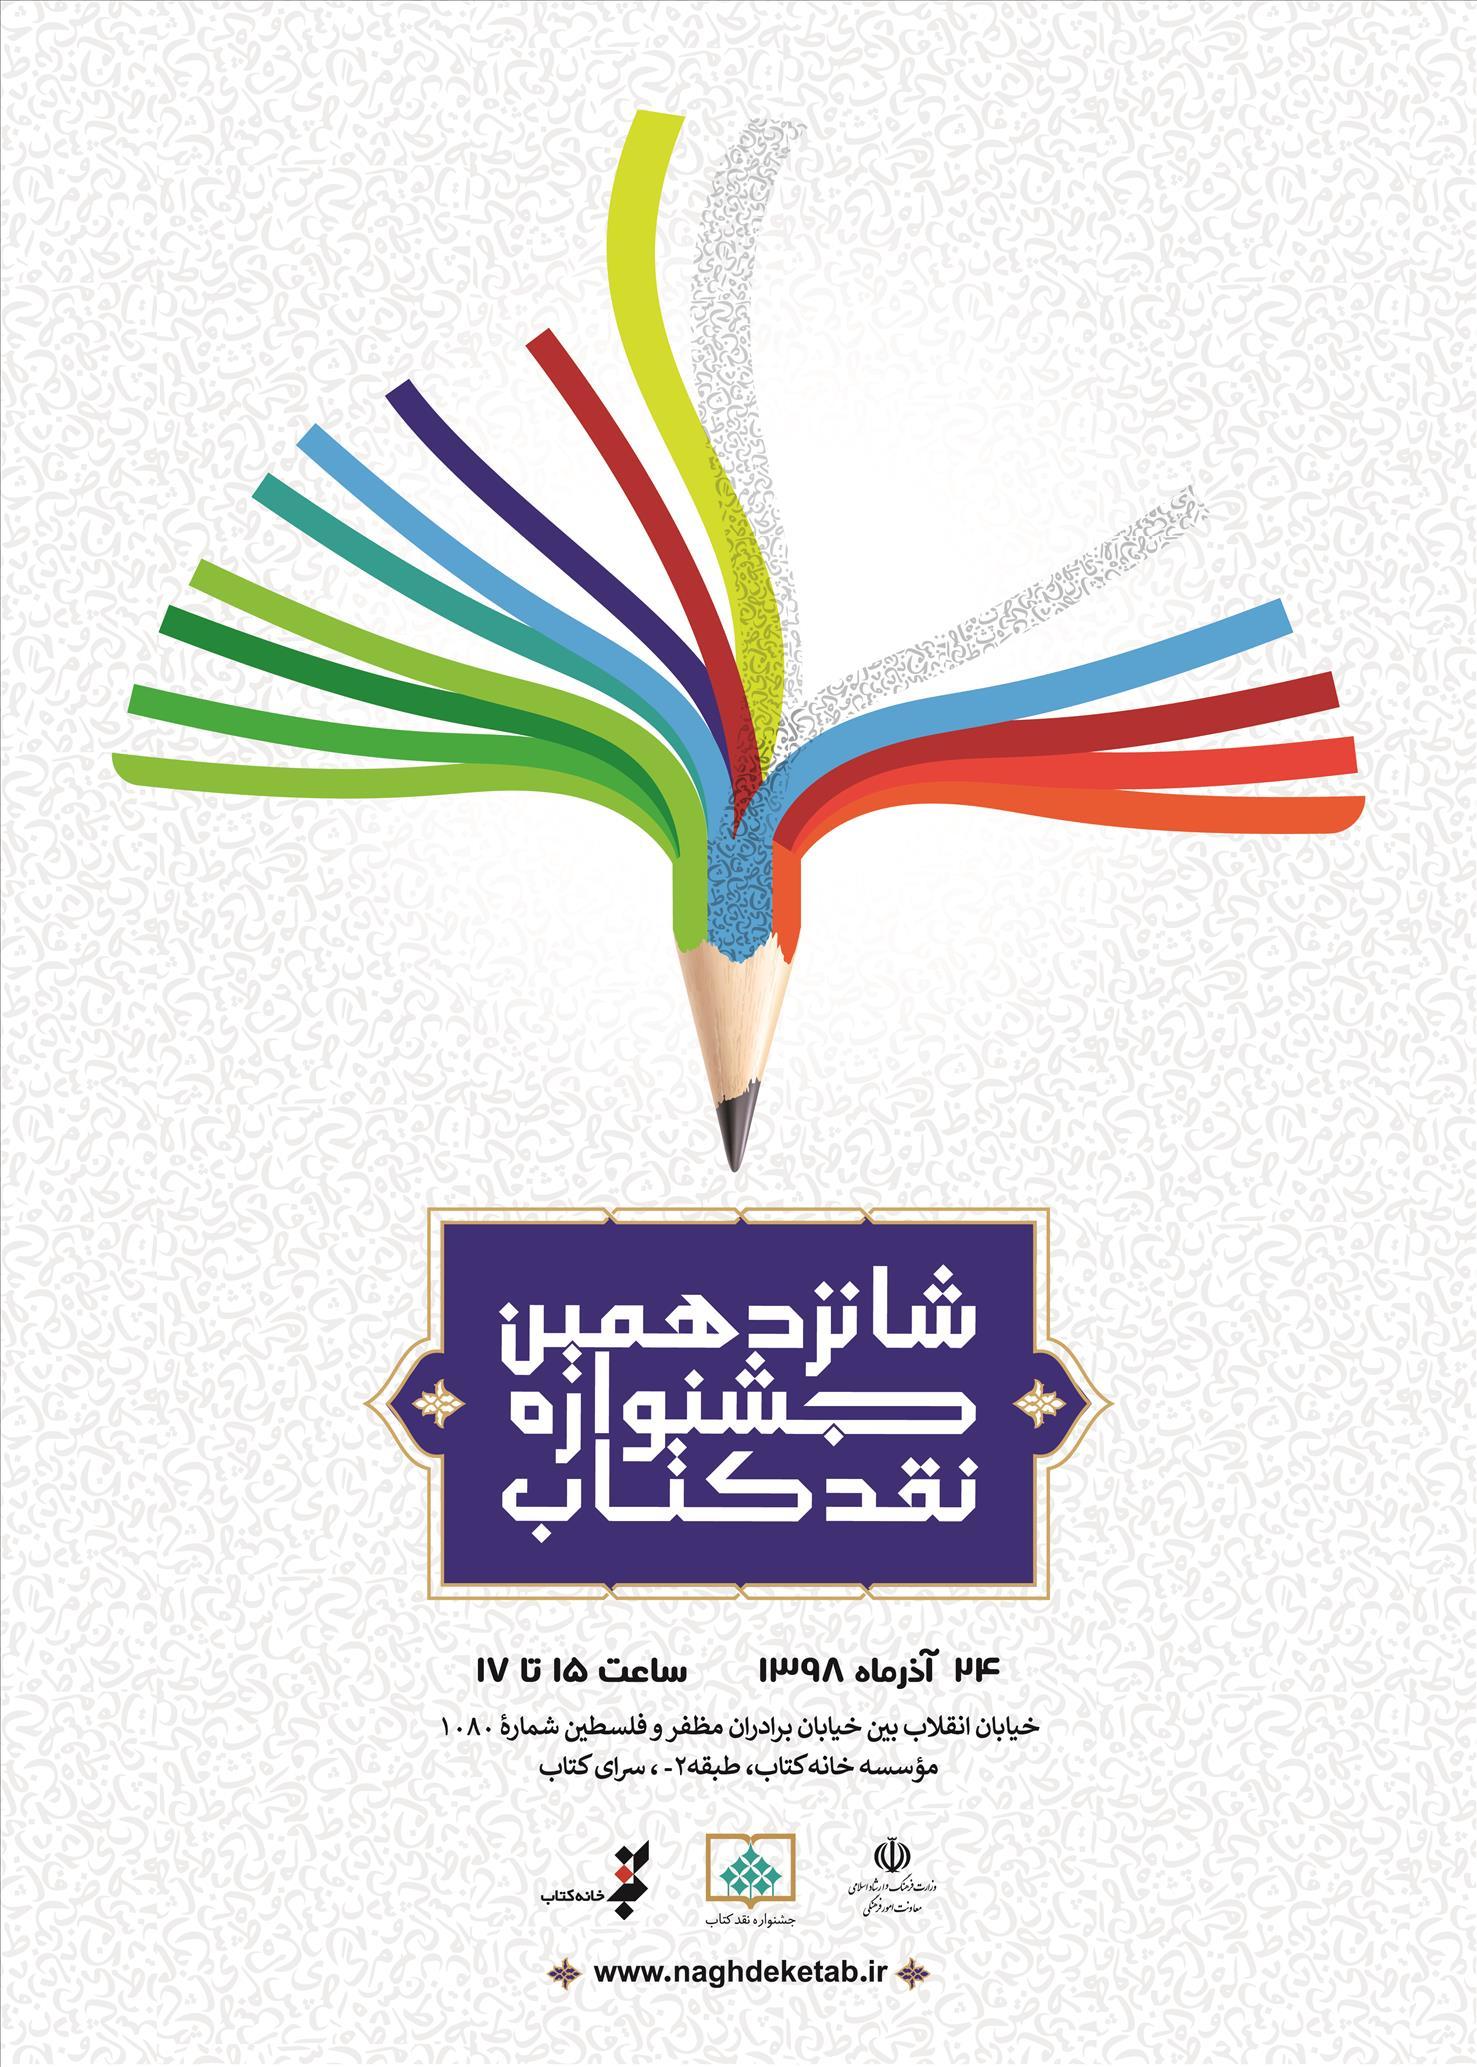 باشگاه خبرنگاران -آیین اختتامیه جشنواره نقد کتاب برگزار می شود